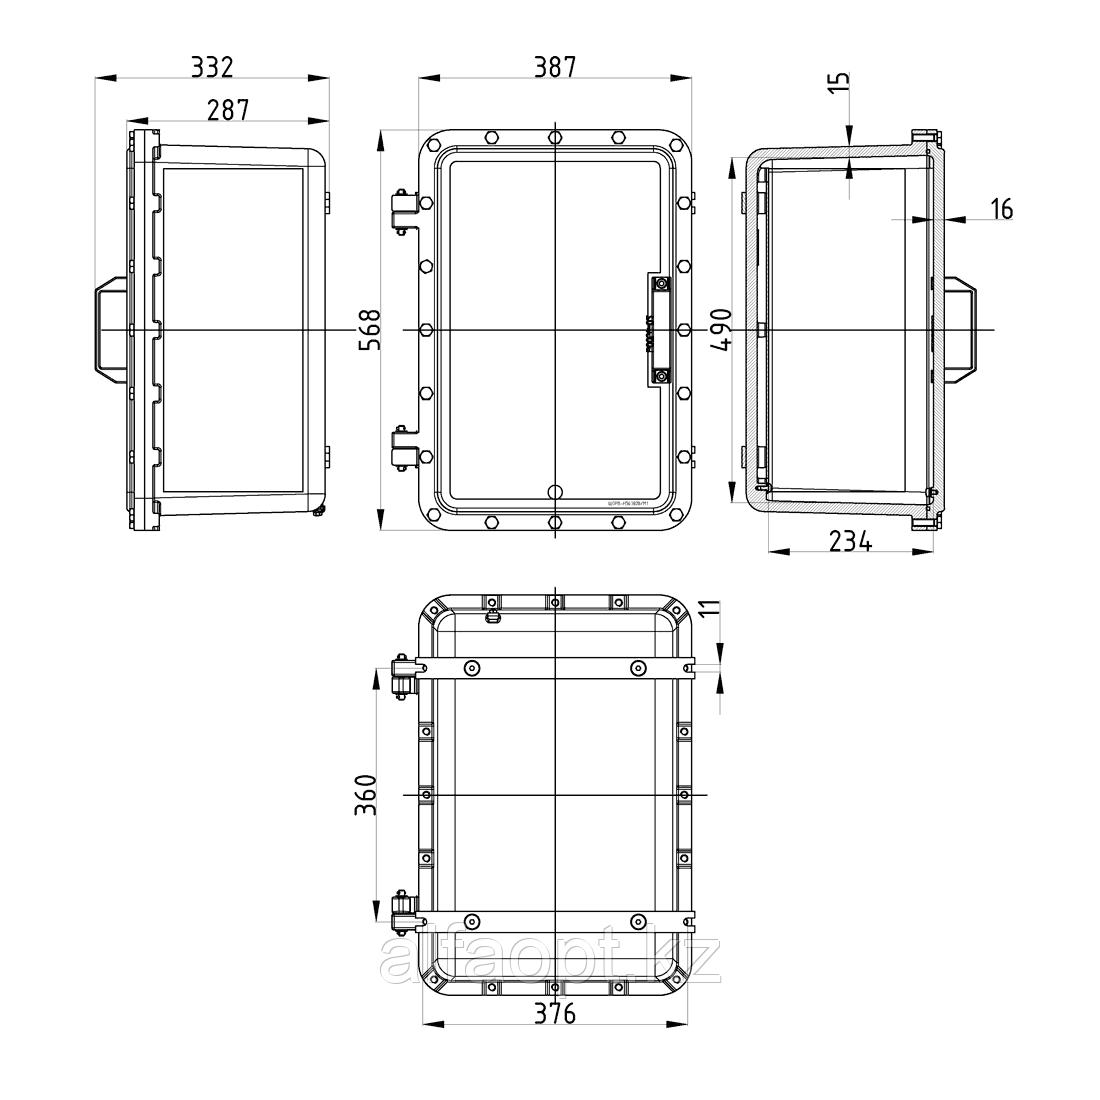 Взрывозащищенная коробка ЩОРВ-Н563828 (взрывонепроницаемая оболочка) из нержавеющей стали